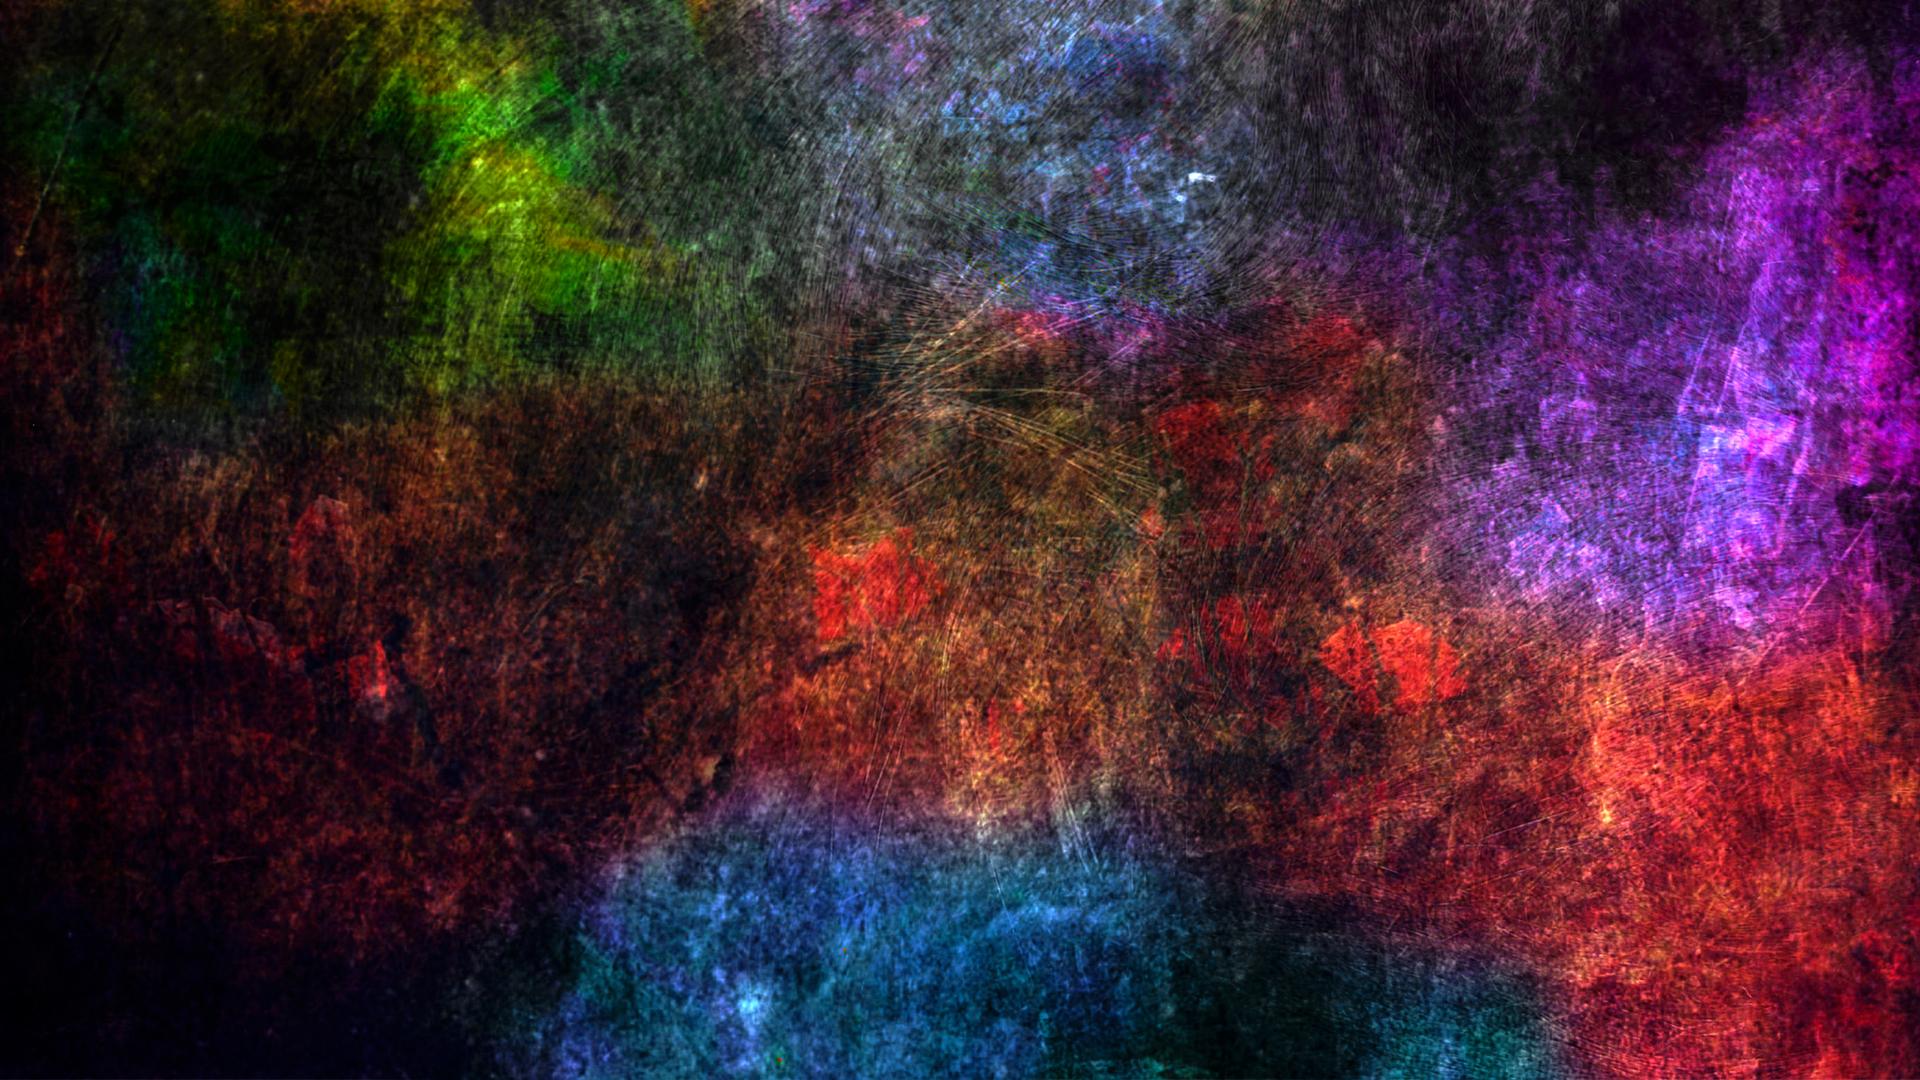 Colour grunge texture fondo de pantalla hd fondo de for Fondos de pantalla full hd colores